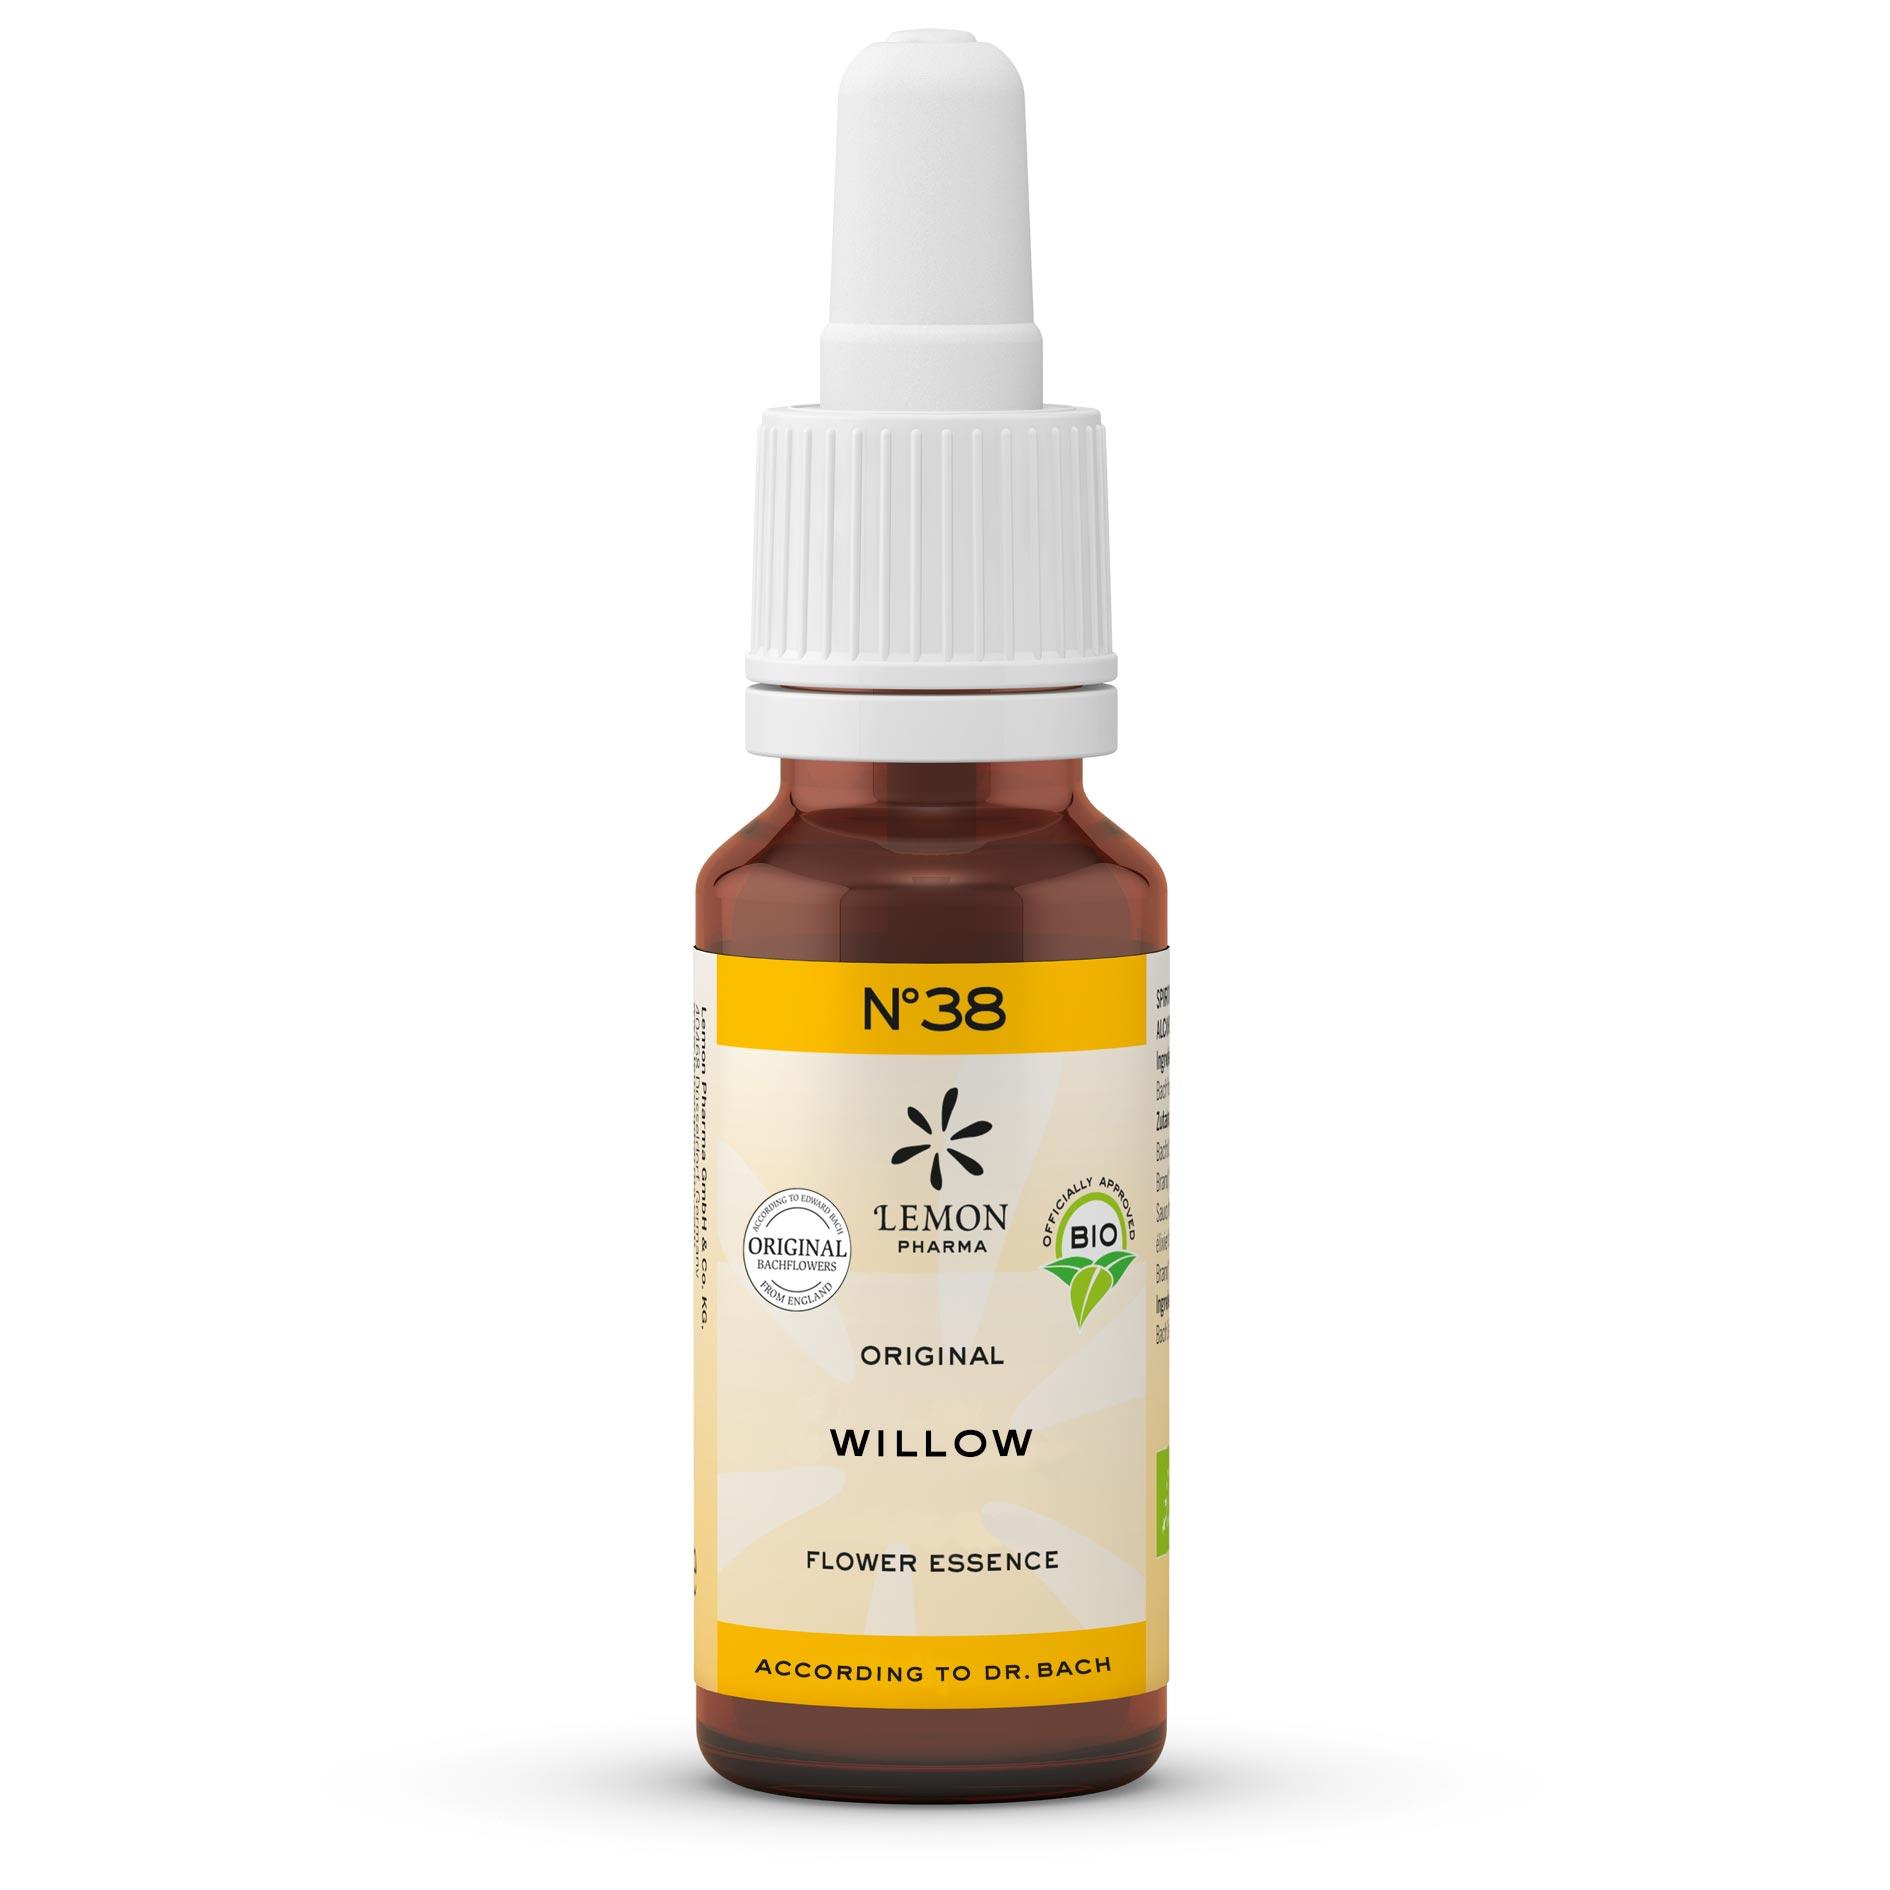 Fiori di Bach originali Lemon Pharma Gocce Nr 38 Willow salice responsabilità personale